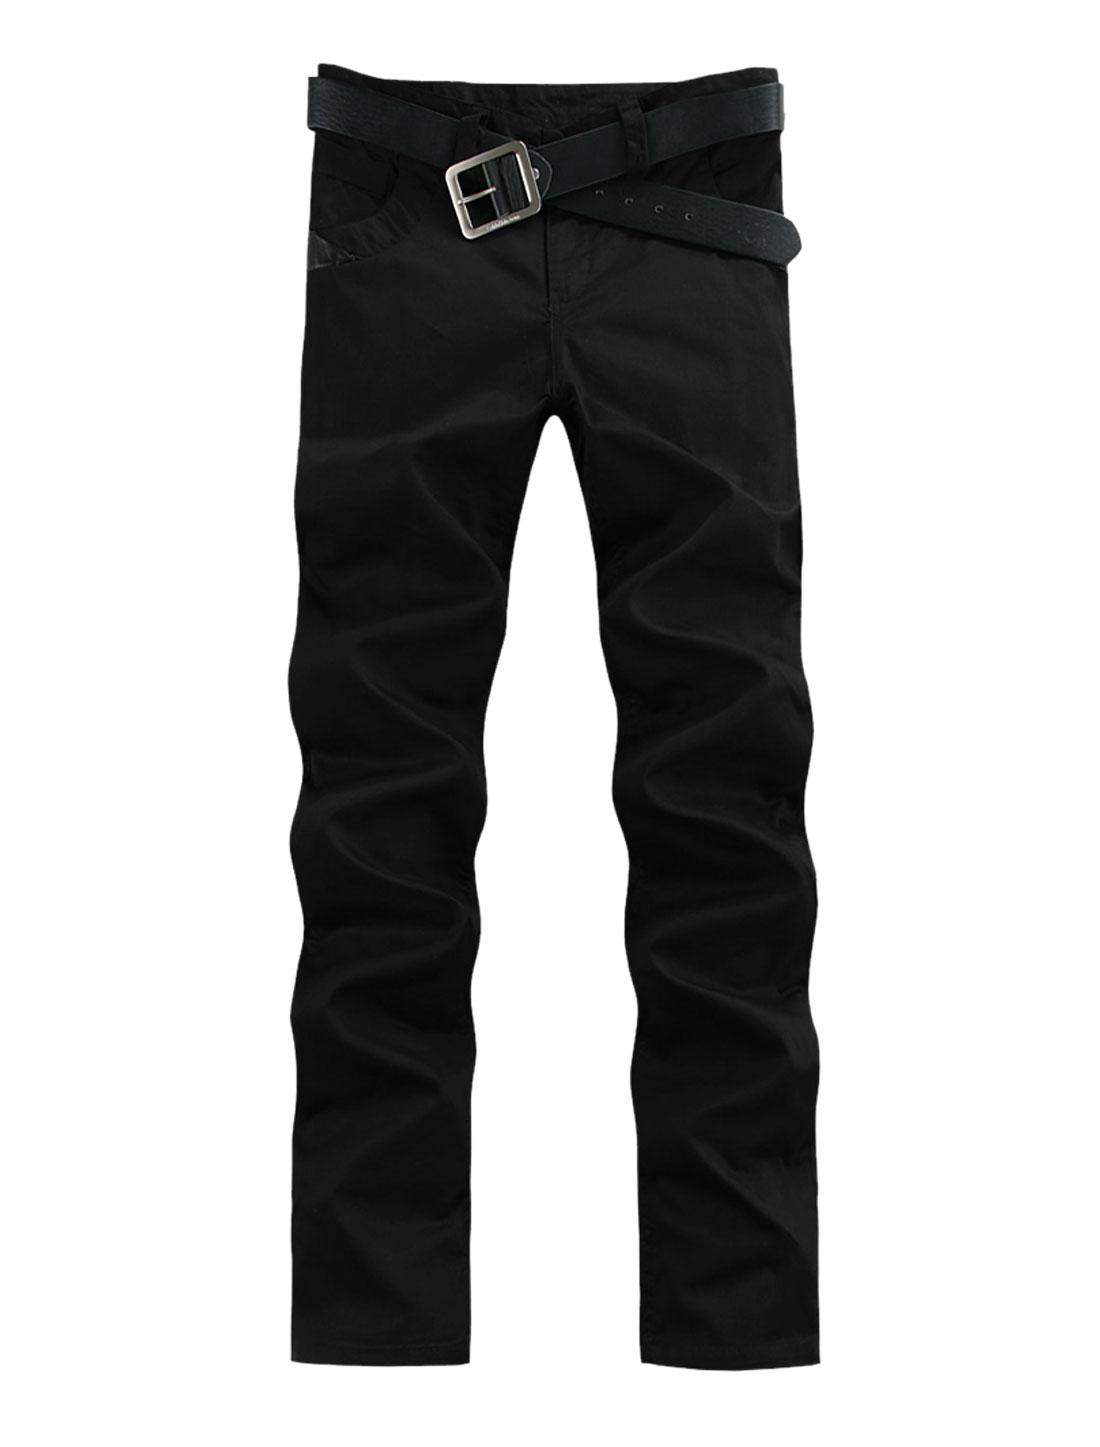 Men Belt Loop Zipper Closure Buttons Decor Casual Pants Black W36